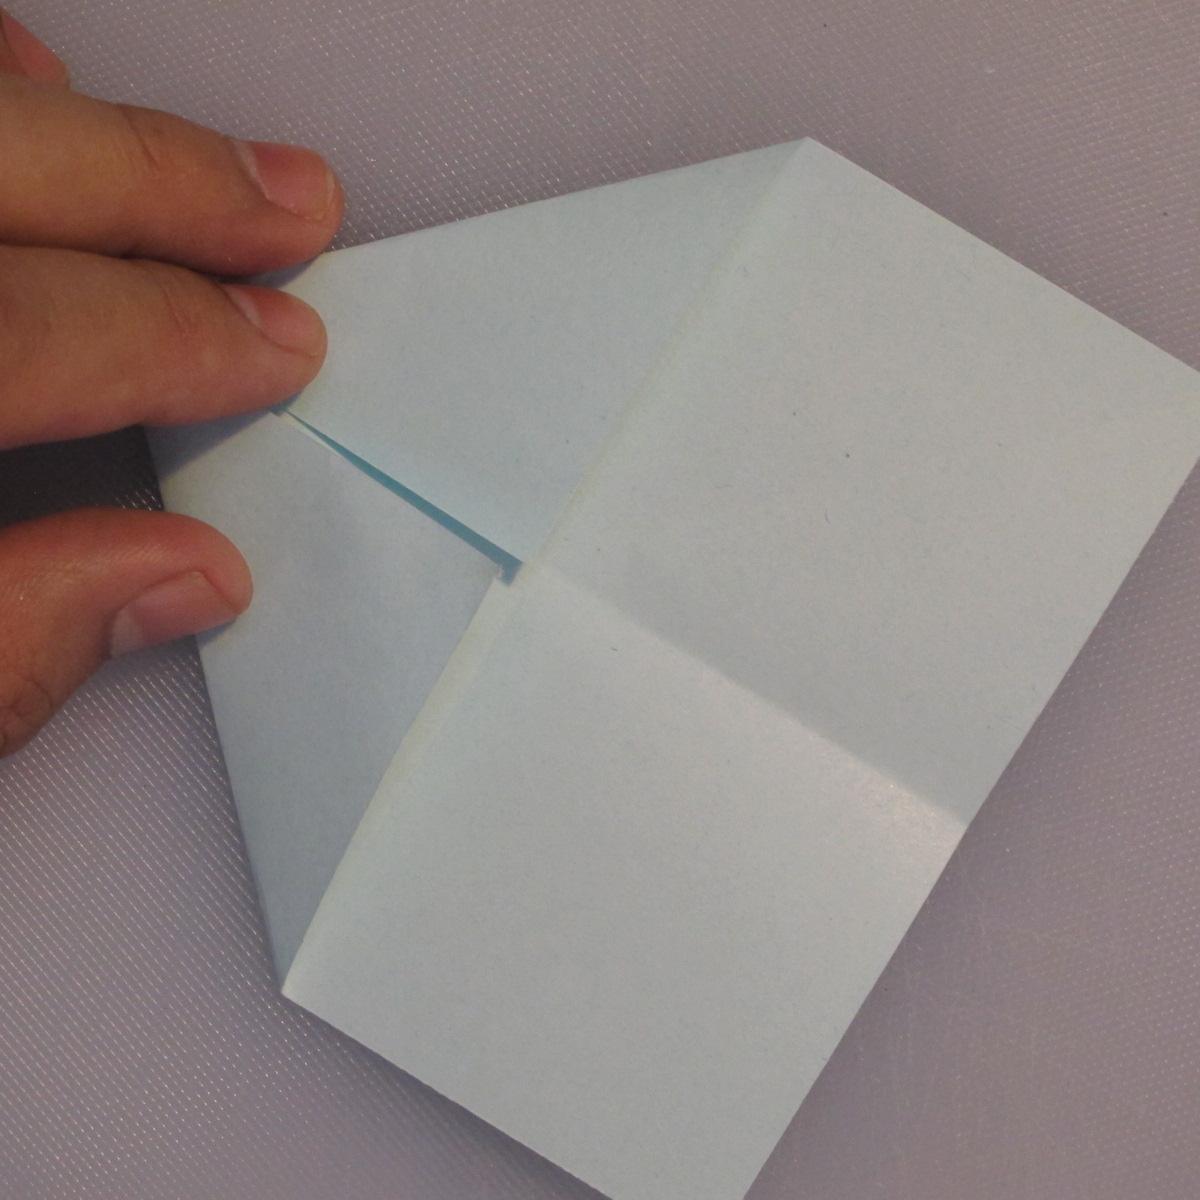 วิธีพับกระดาษเป็นรูปกล่อง 002